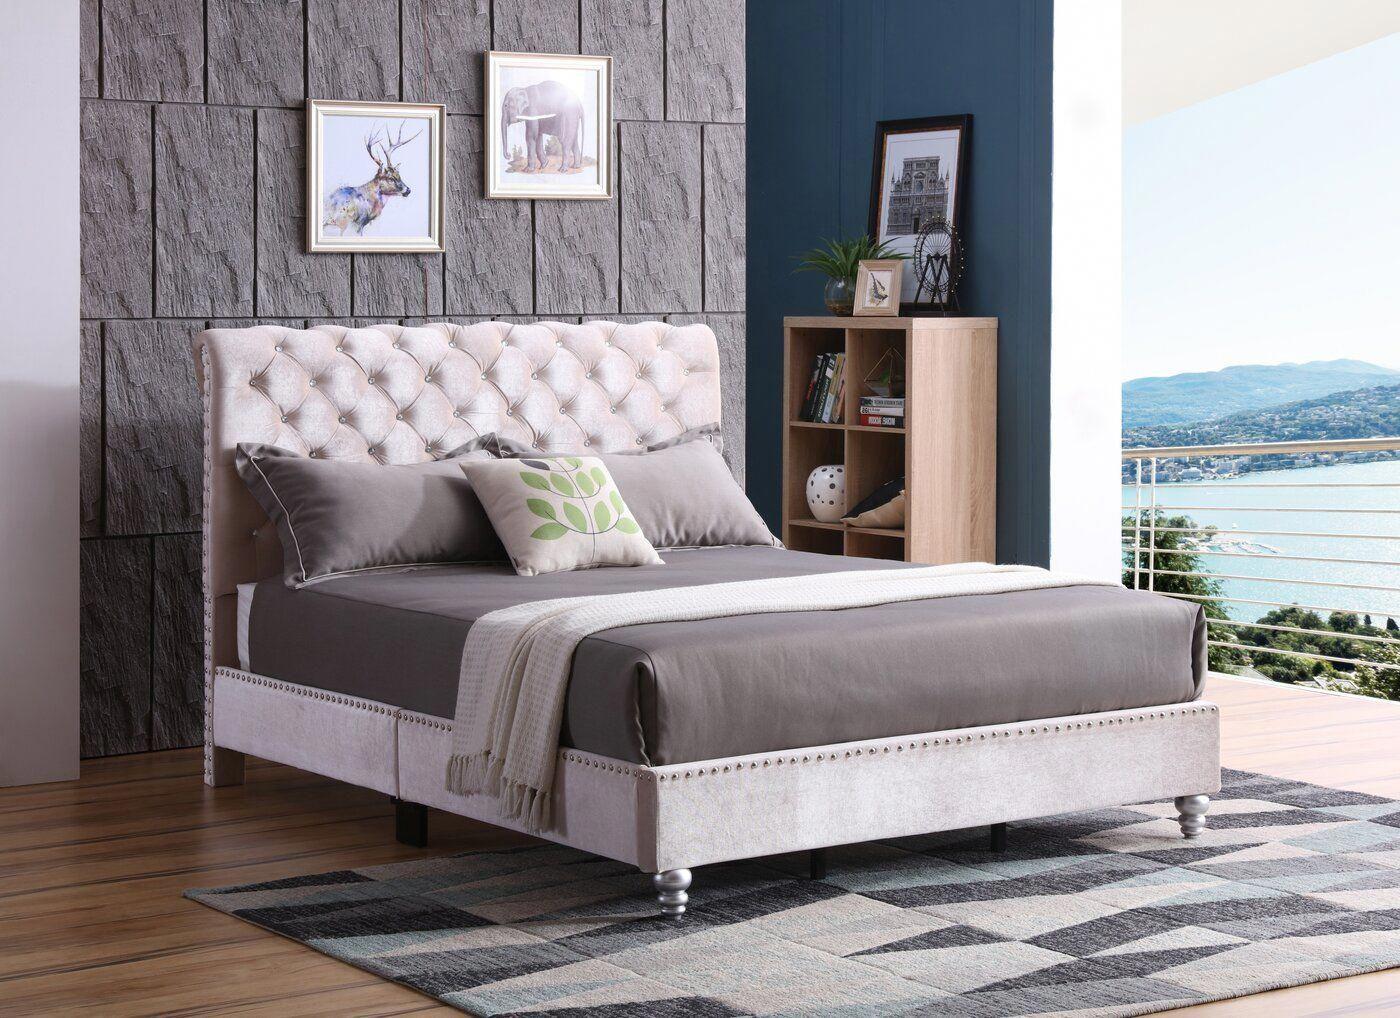 Adjustable beds king size split furniturerumah